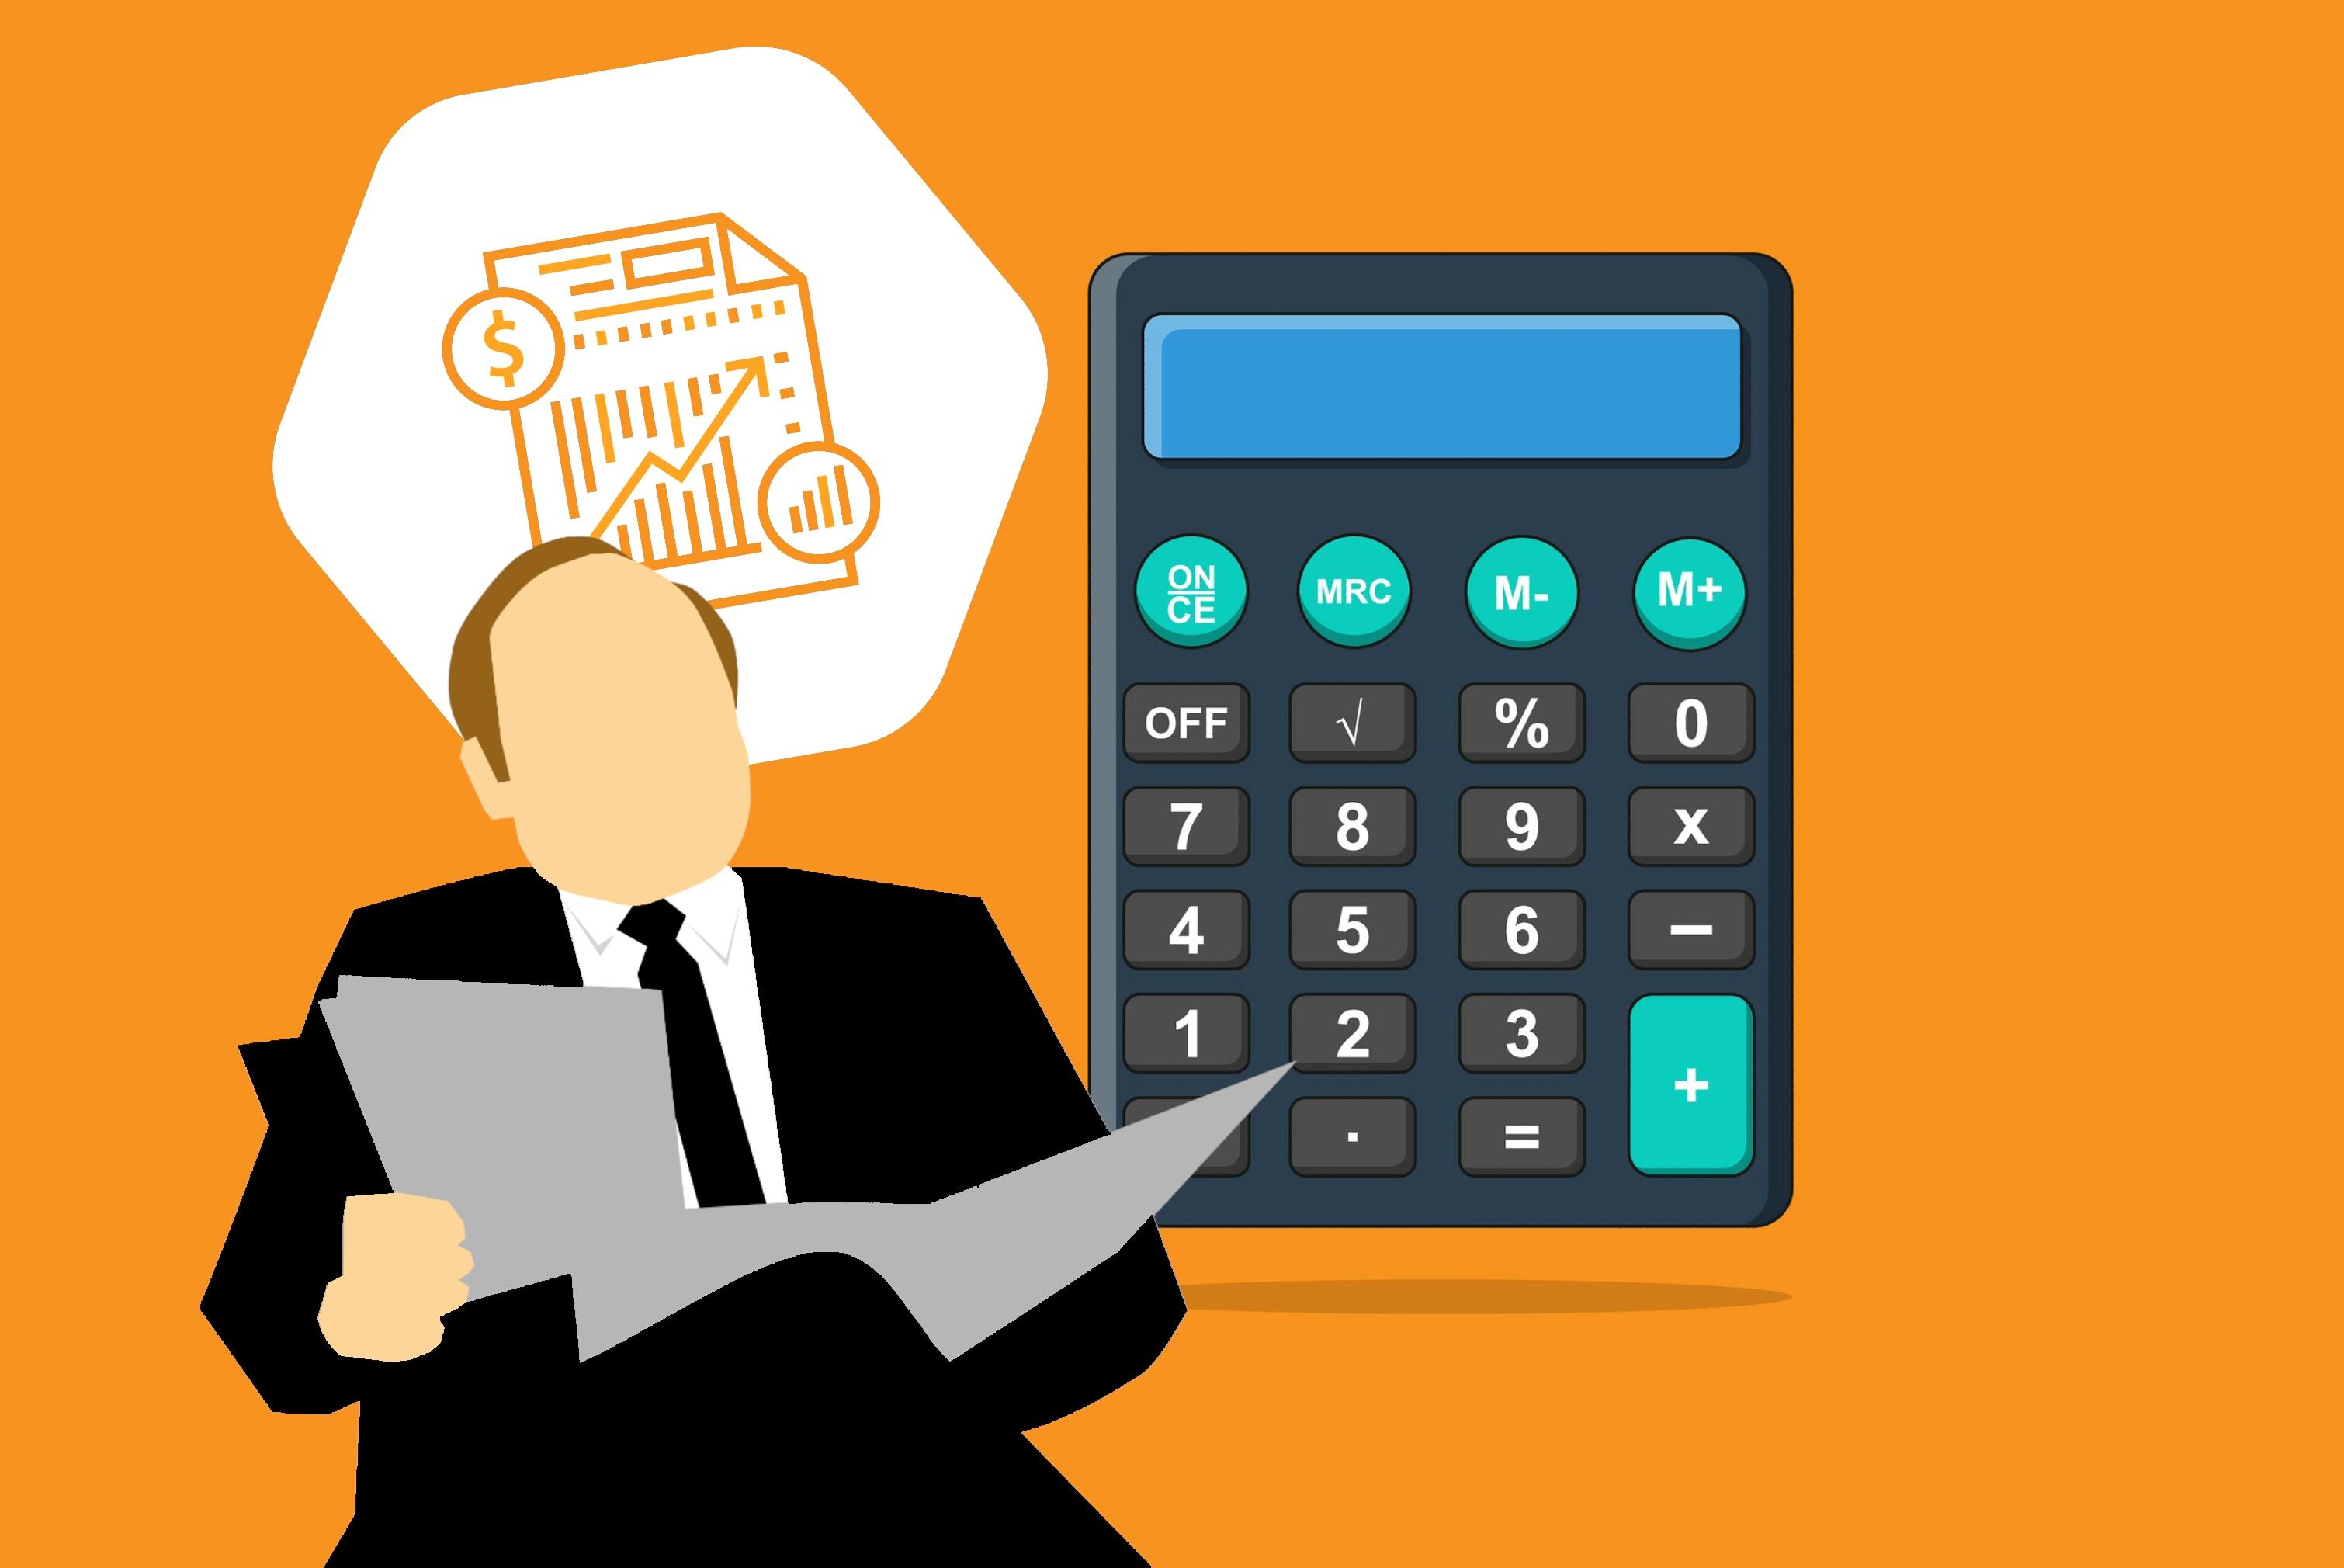 carreiras accountant-calculator-accounting-graphs-career-business-1449659-pxhere.com